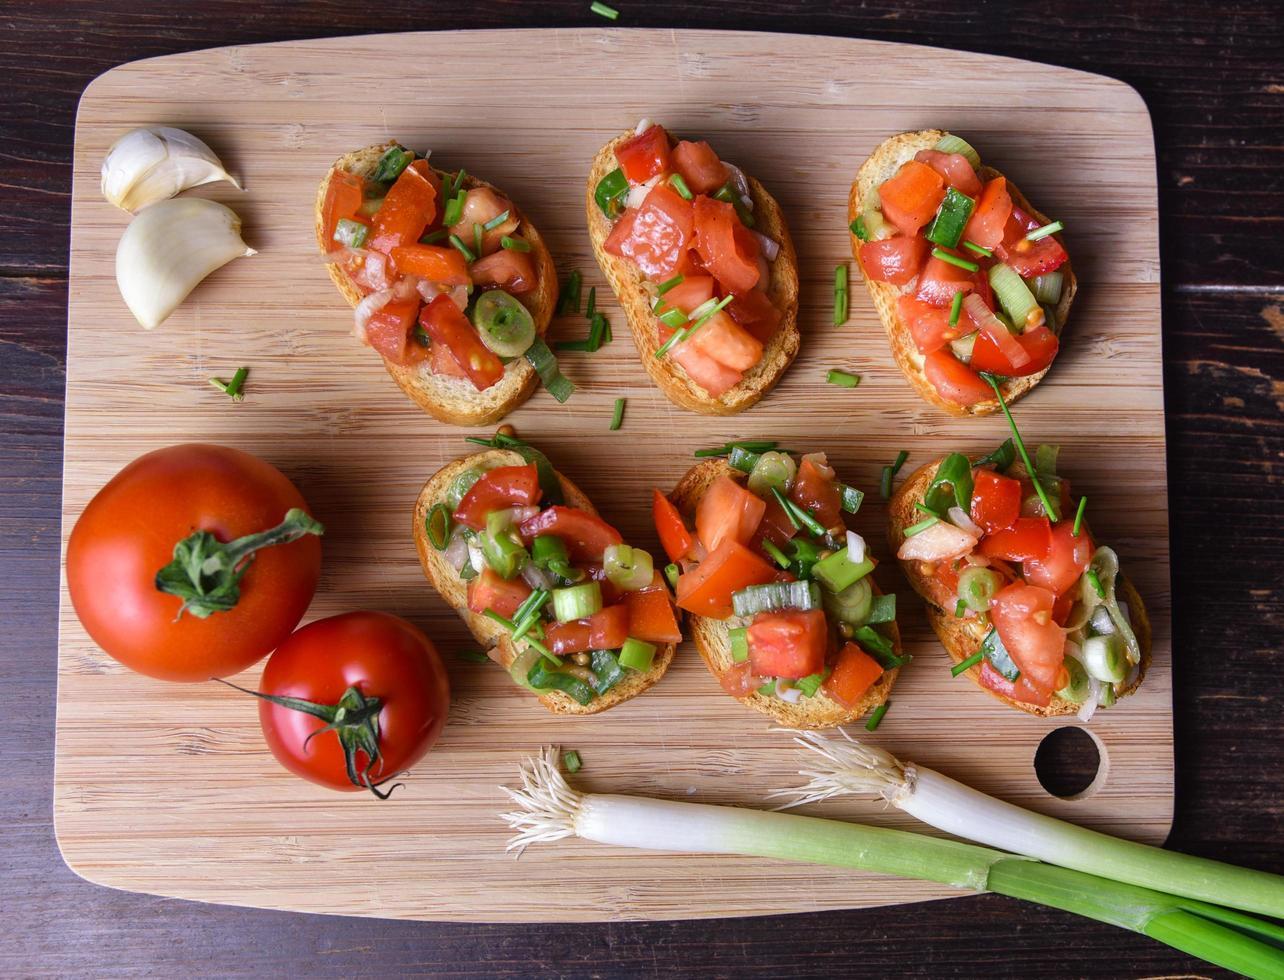 deliciosa bruschetta vegetariana italiana foto